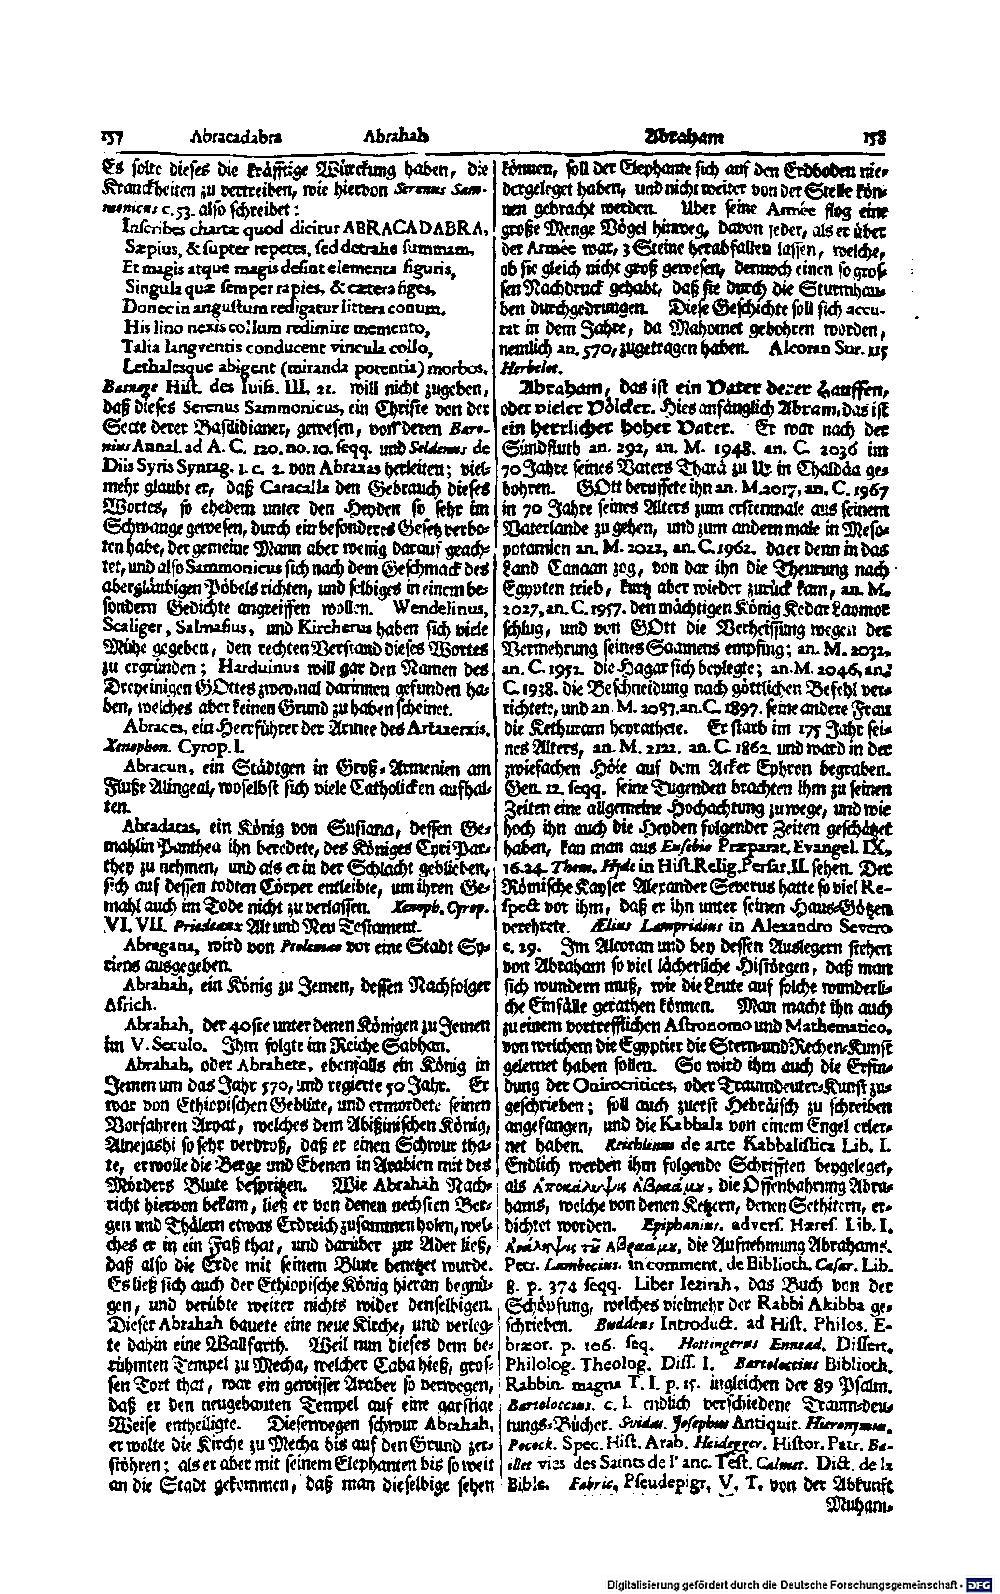 Bd. 1, Seite 0118.